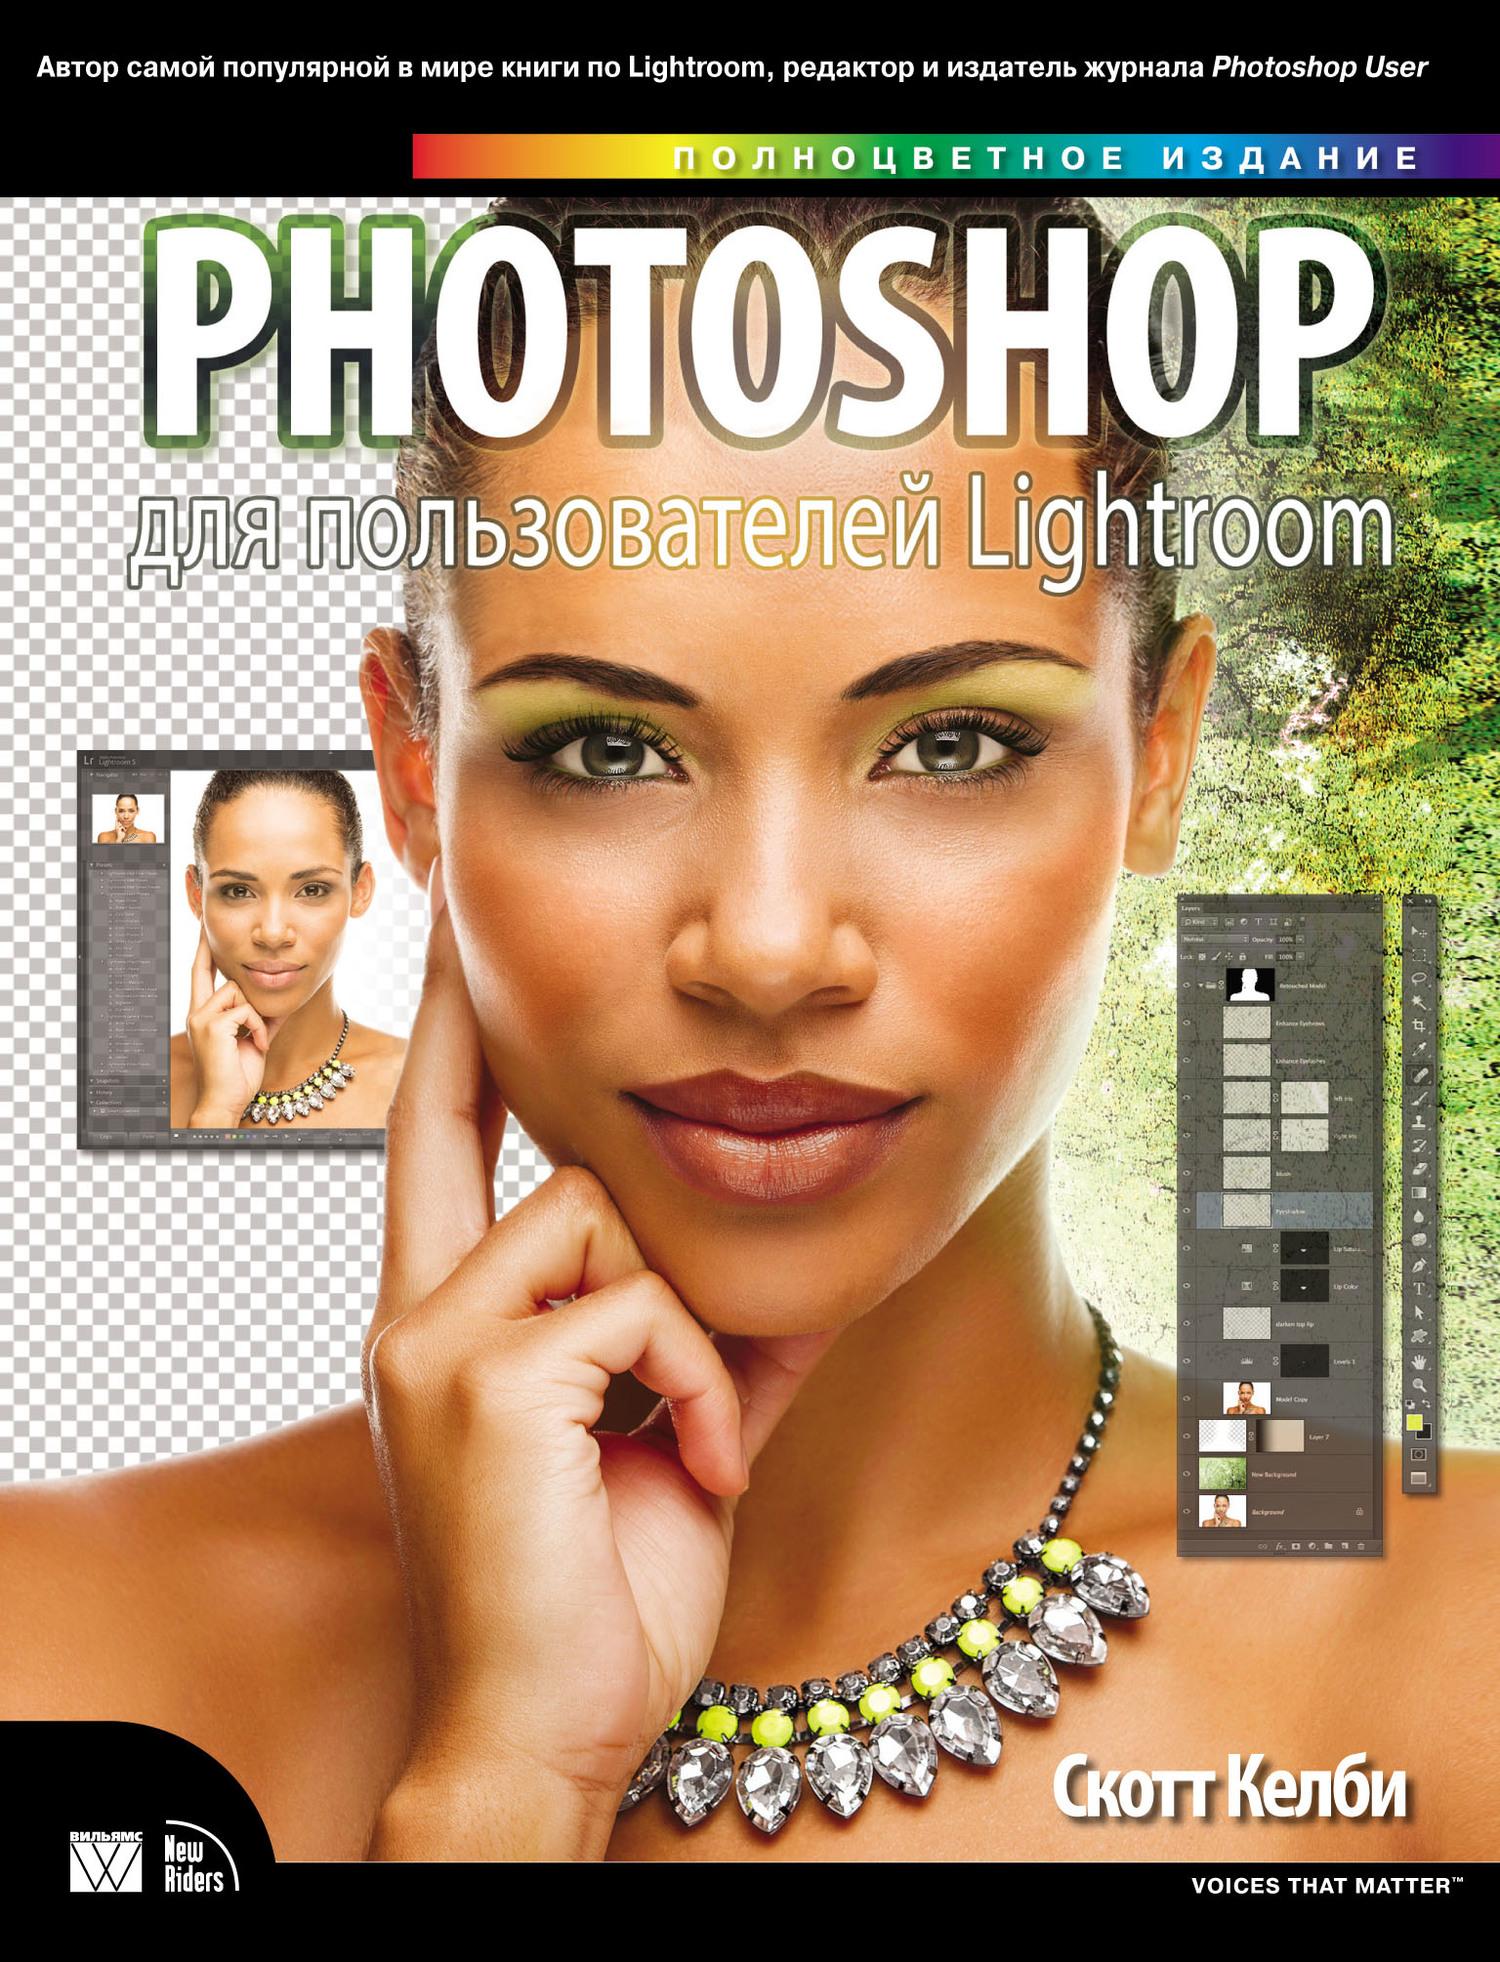 Скотт Келби Photoshop для пользователей Lightroom